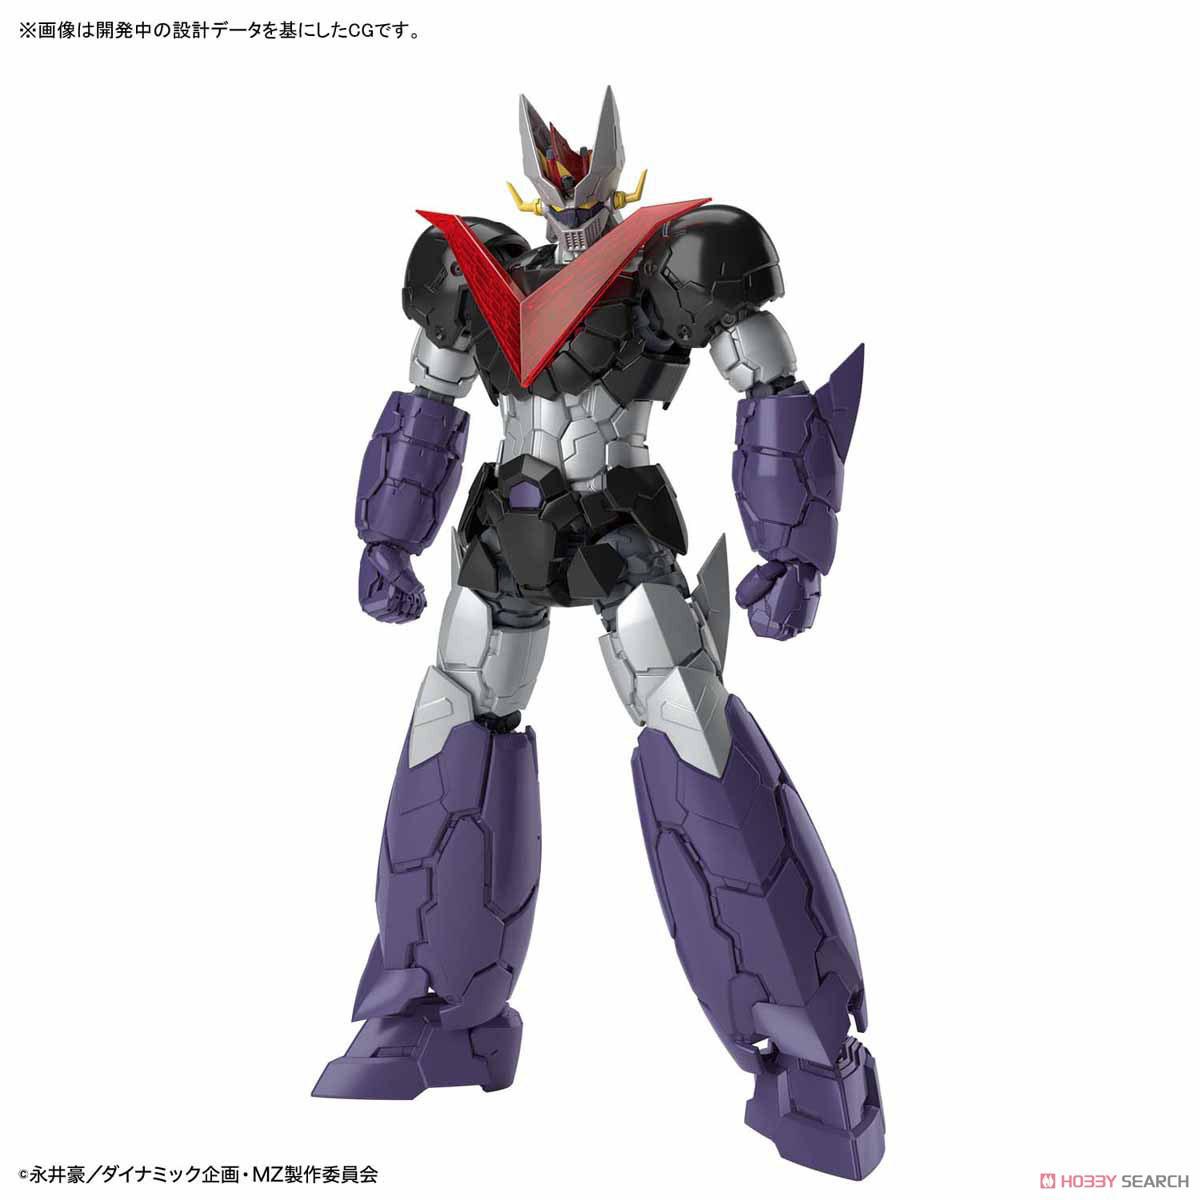 【再販】HG 1/144『グレートマジンガー(マジンガーZ INFINITY Ver.)』プラモデル-014